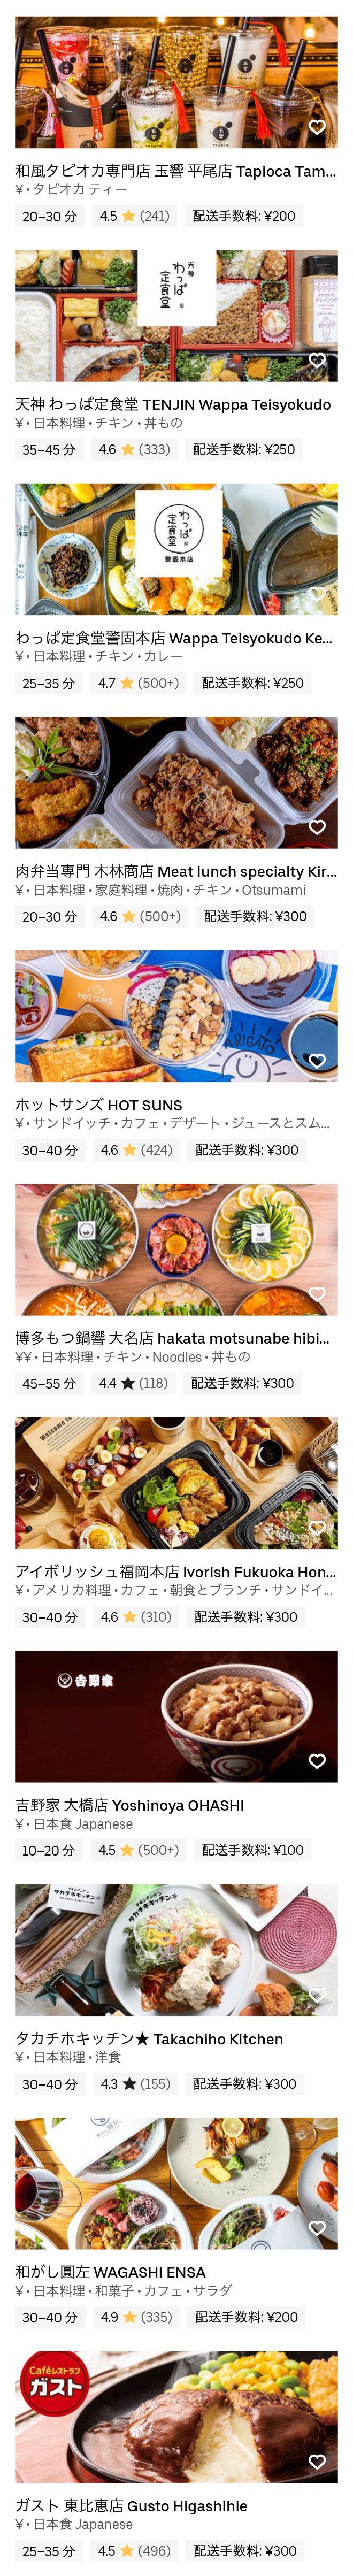 2002 oohashi03